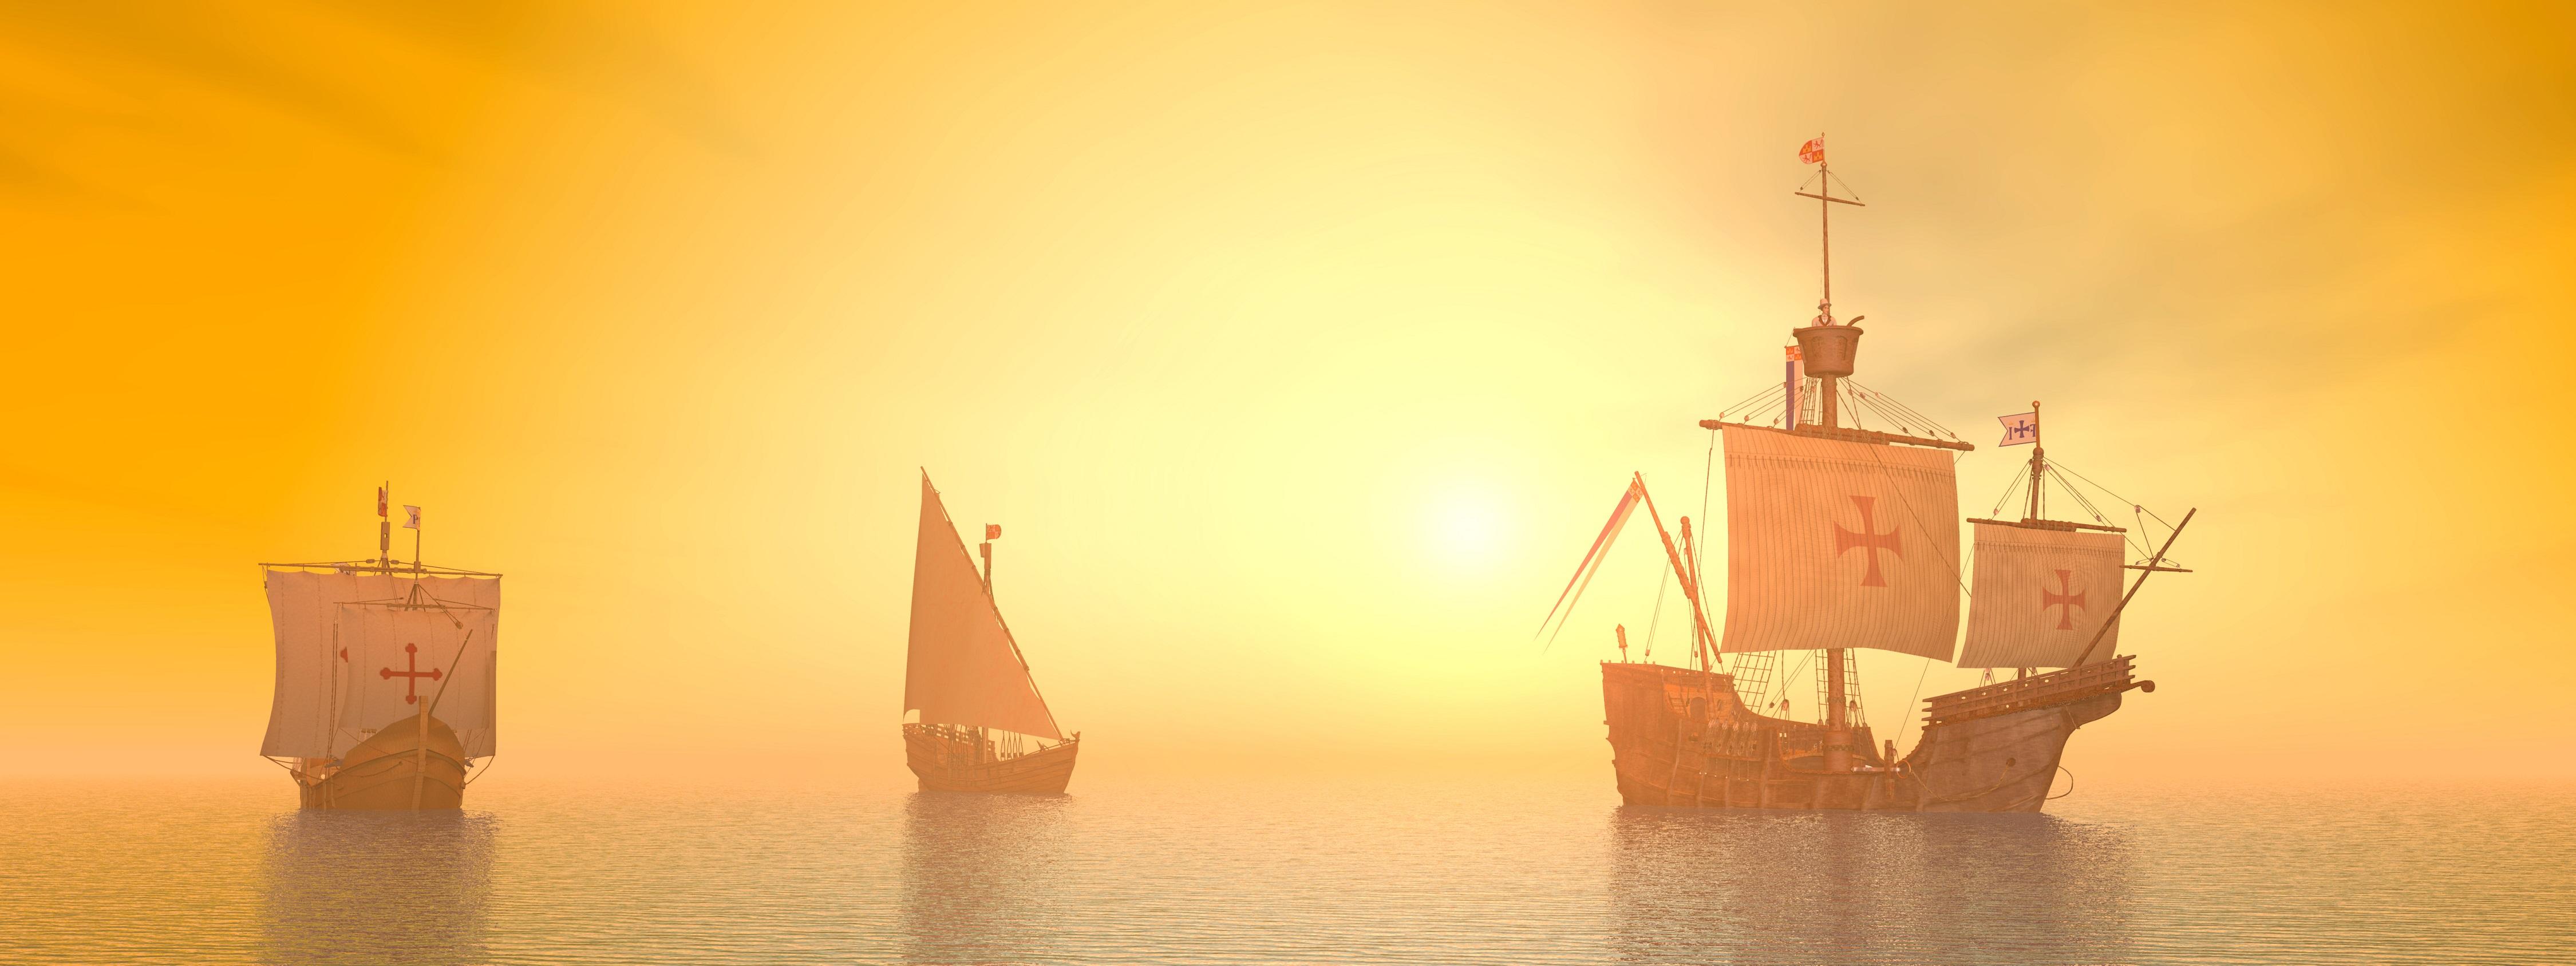 Christopher columbus' ships - Crewtoo